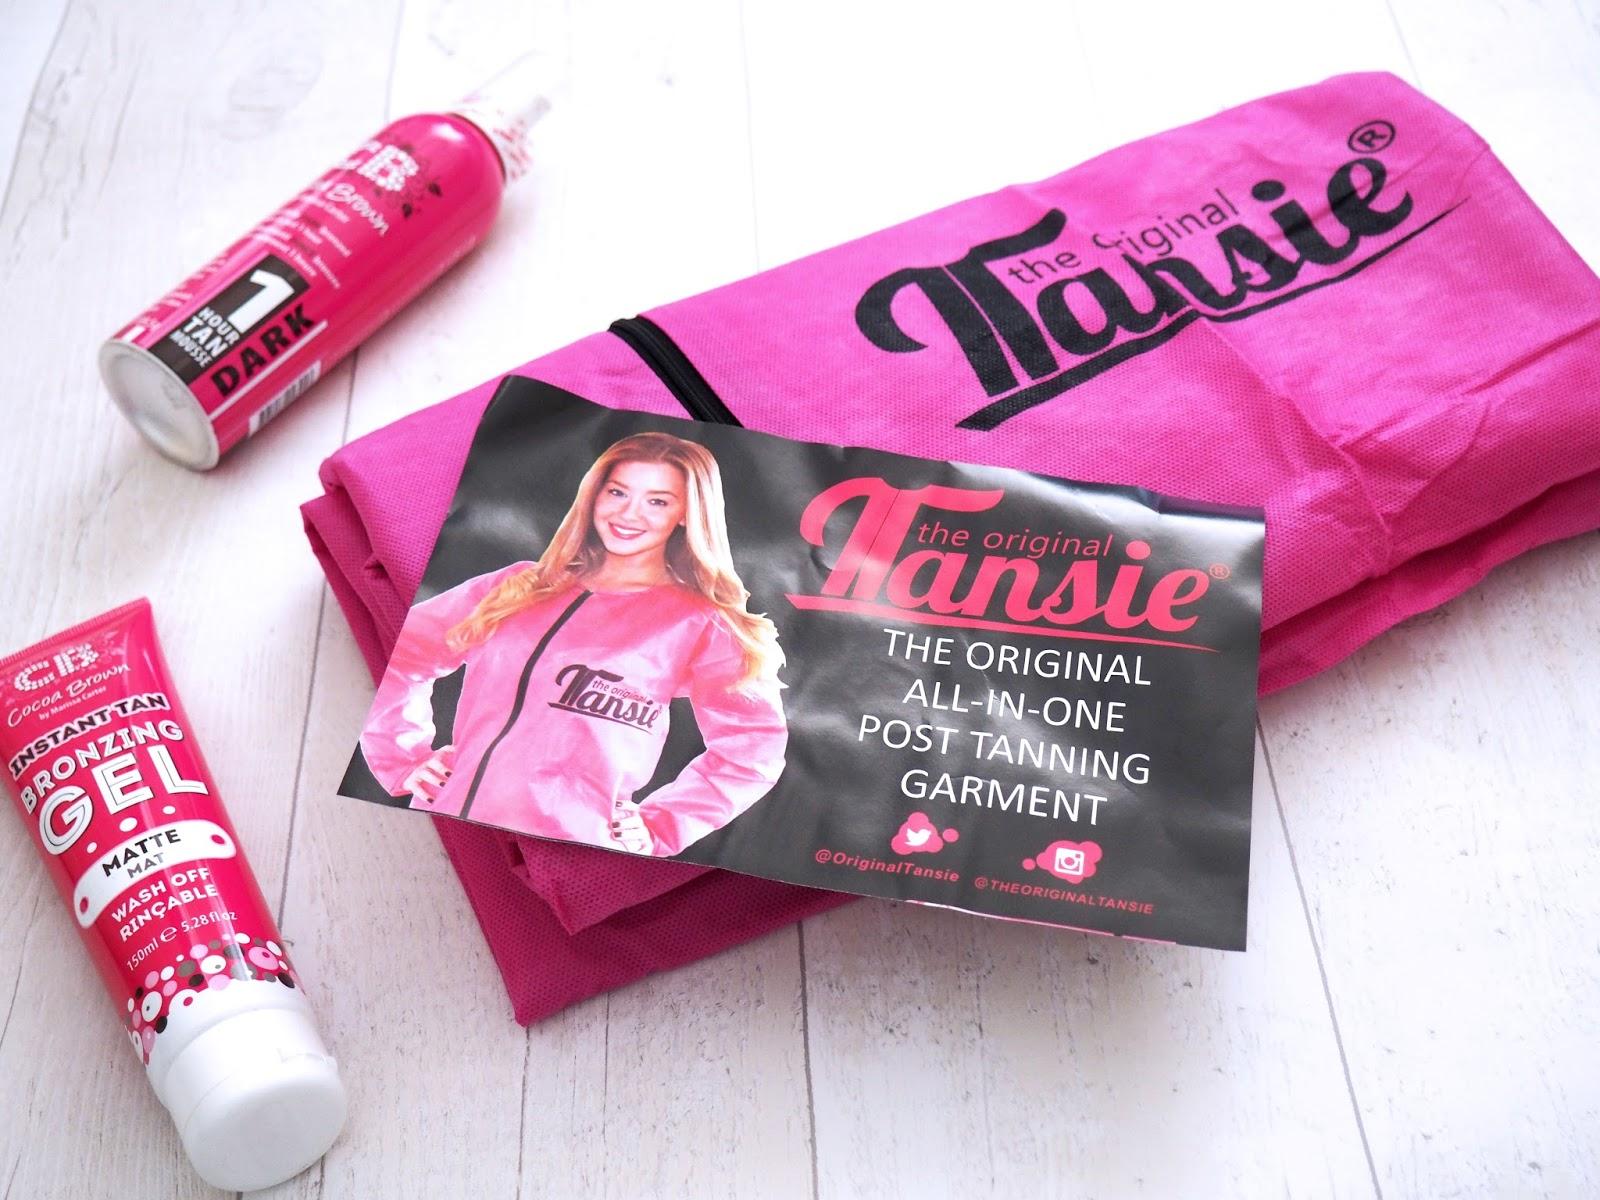 Tansie - The Original Tanning Onesie